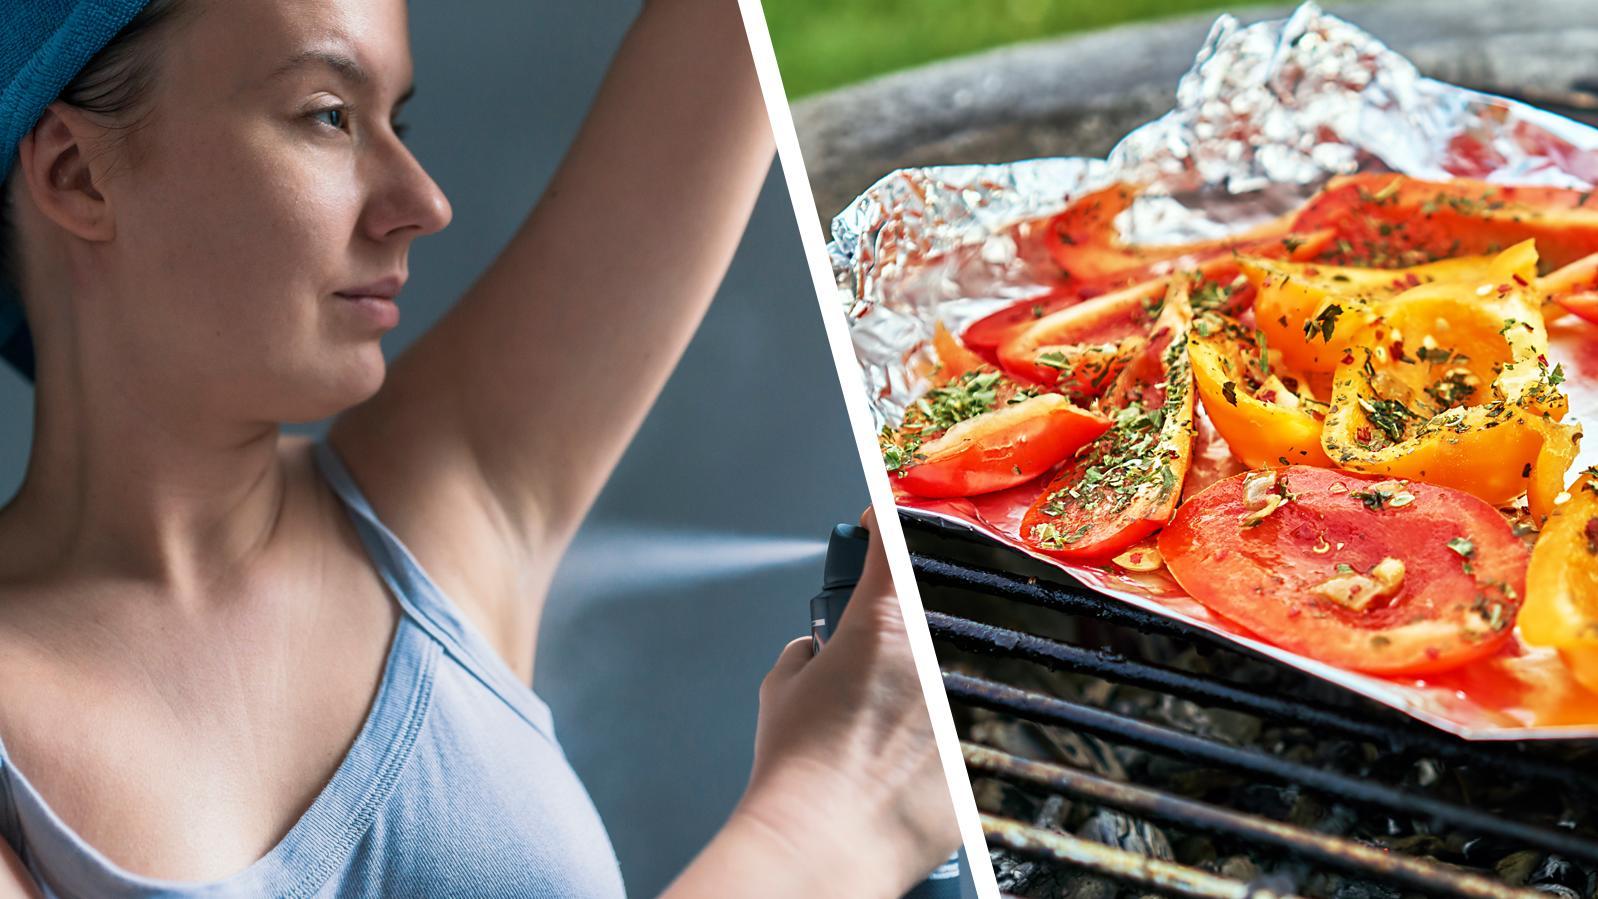 In Deos, Lebensmittel und Co. steckt Aluminium. Dadurch nehmen wir meist mehr davon auf, als wir sollten.